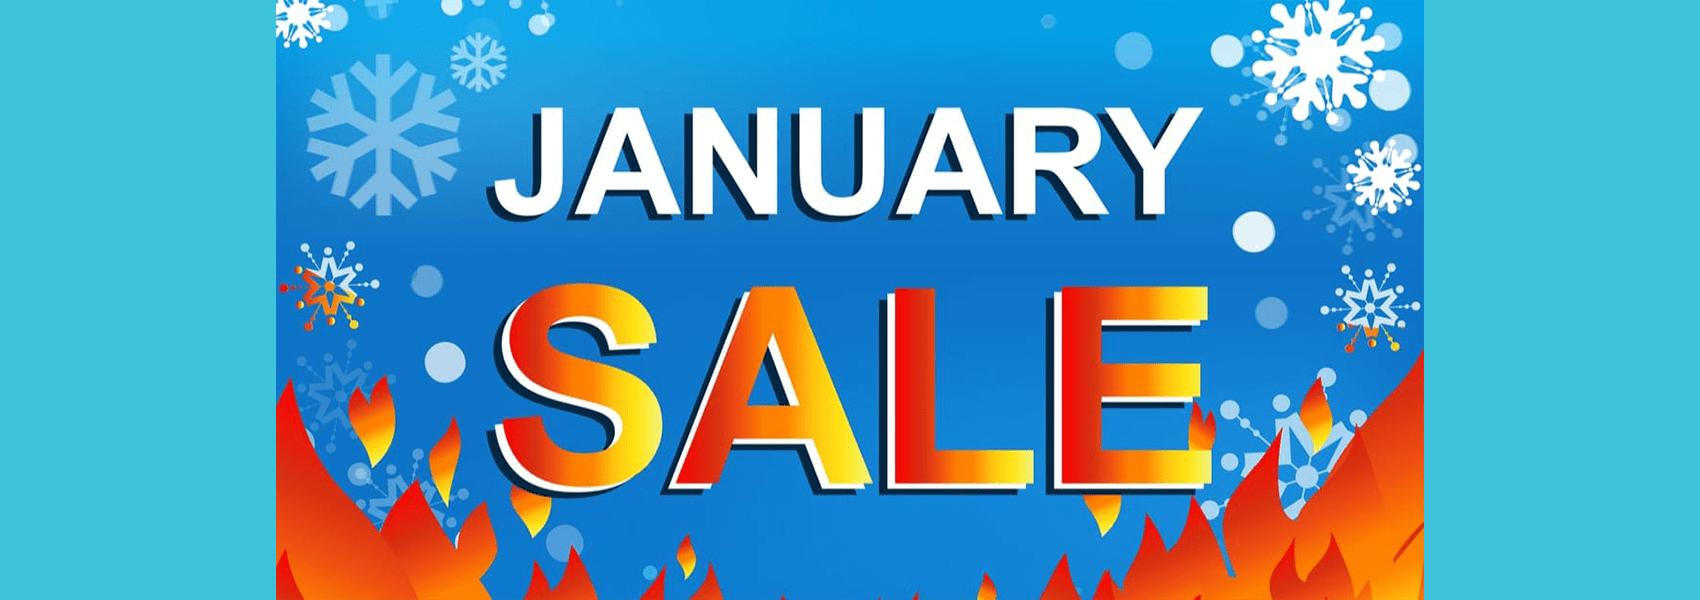 January-Sale-2019